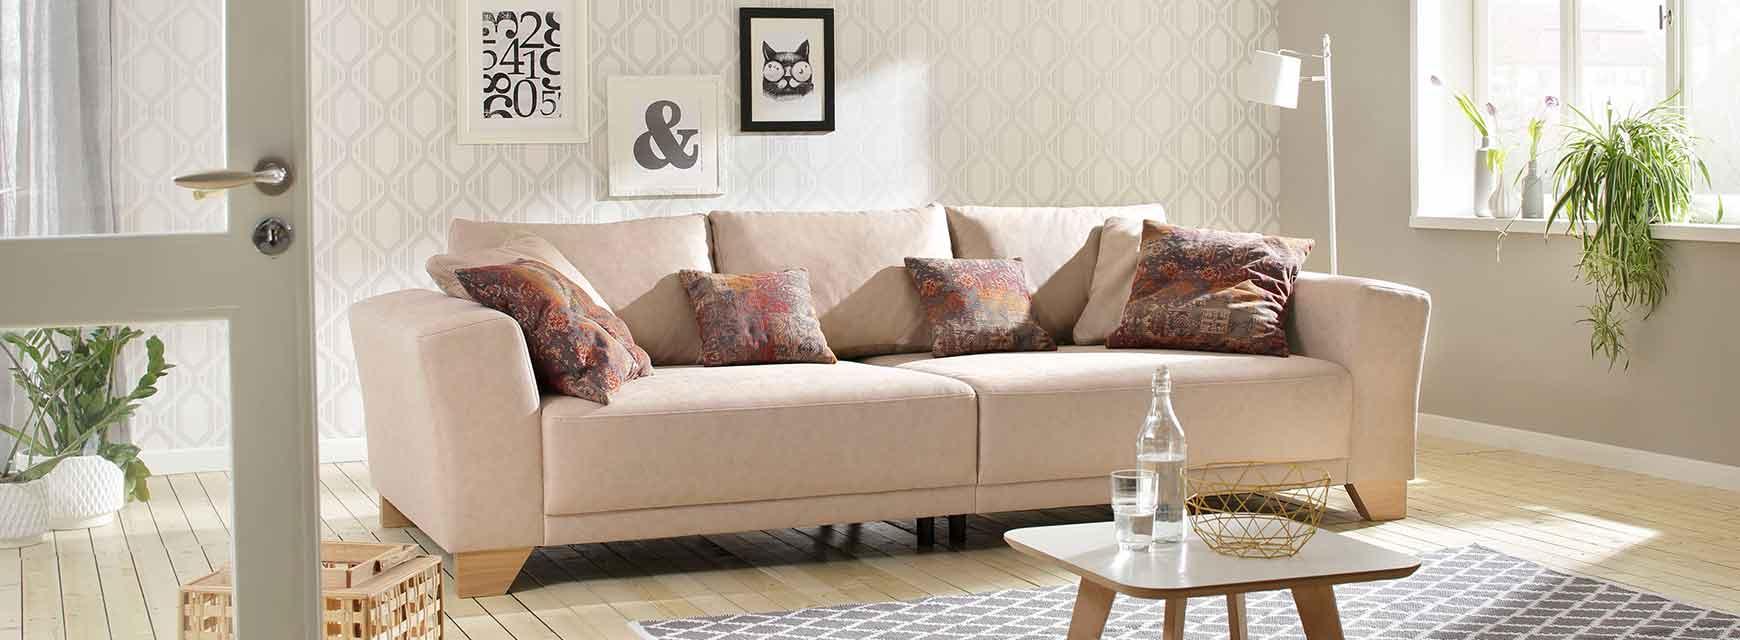 Full Size of Halbrundes Sofa Landhausstil Landhaus Couch Online Kaufen Naturloftde überwurf Für Esstisch 3 Sitzer Mit Relaxfunktion Natura Ikea Schlaffunktion Stoff Sofa Halbrundes Sofa